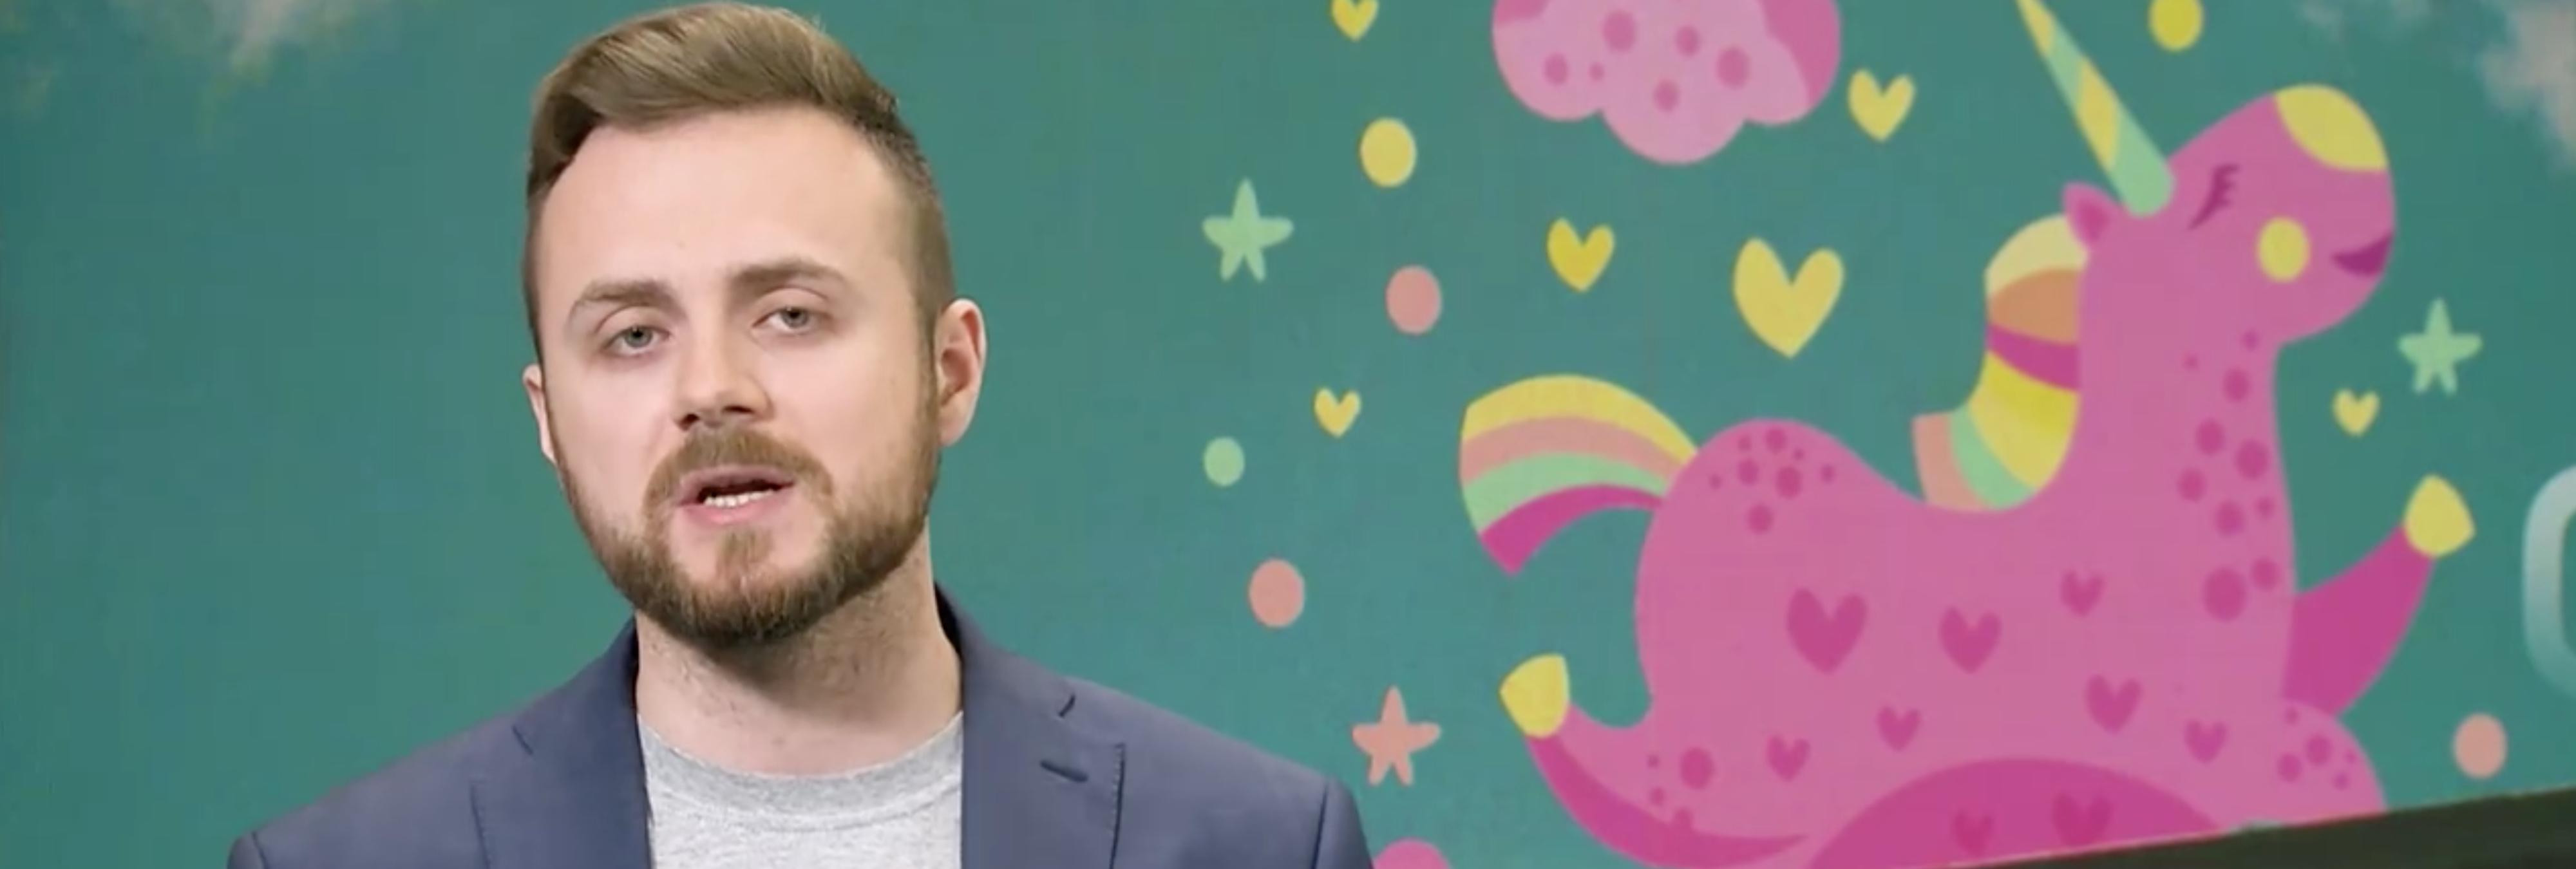 'Buen viaje, sodomitas': Una televisión rusa regala billetes para expulsar a los homosexuales